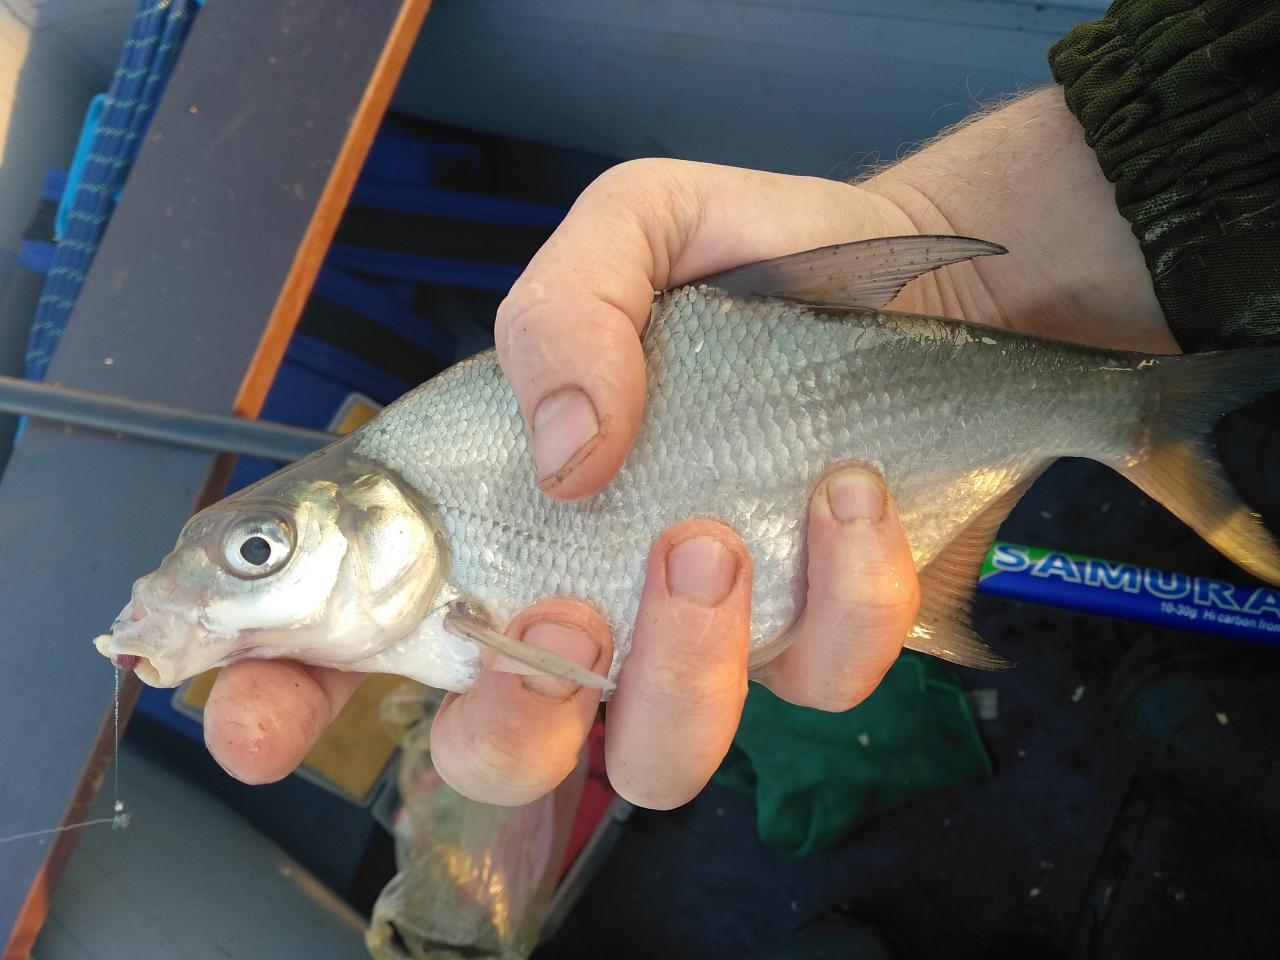 Закрывал сегодня сезон махом с лодки в районе ...   Отчеты о рыбалке в Беларуси